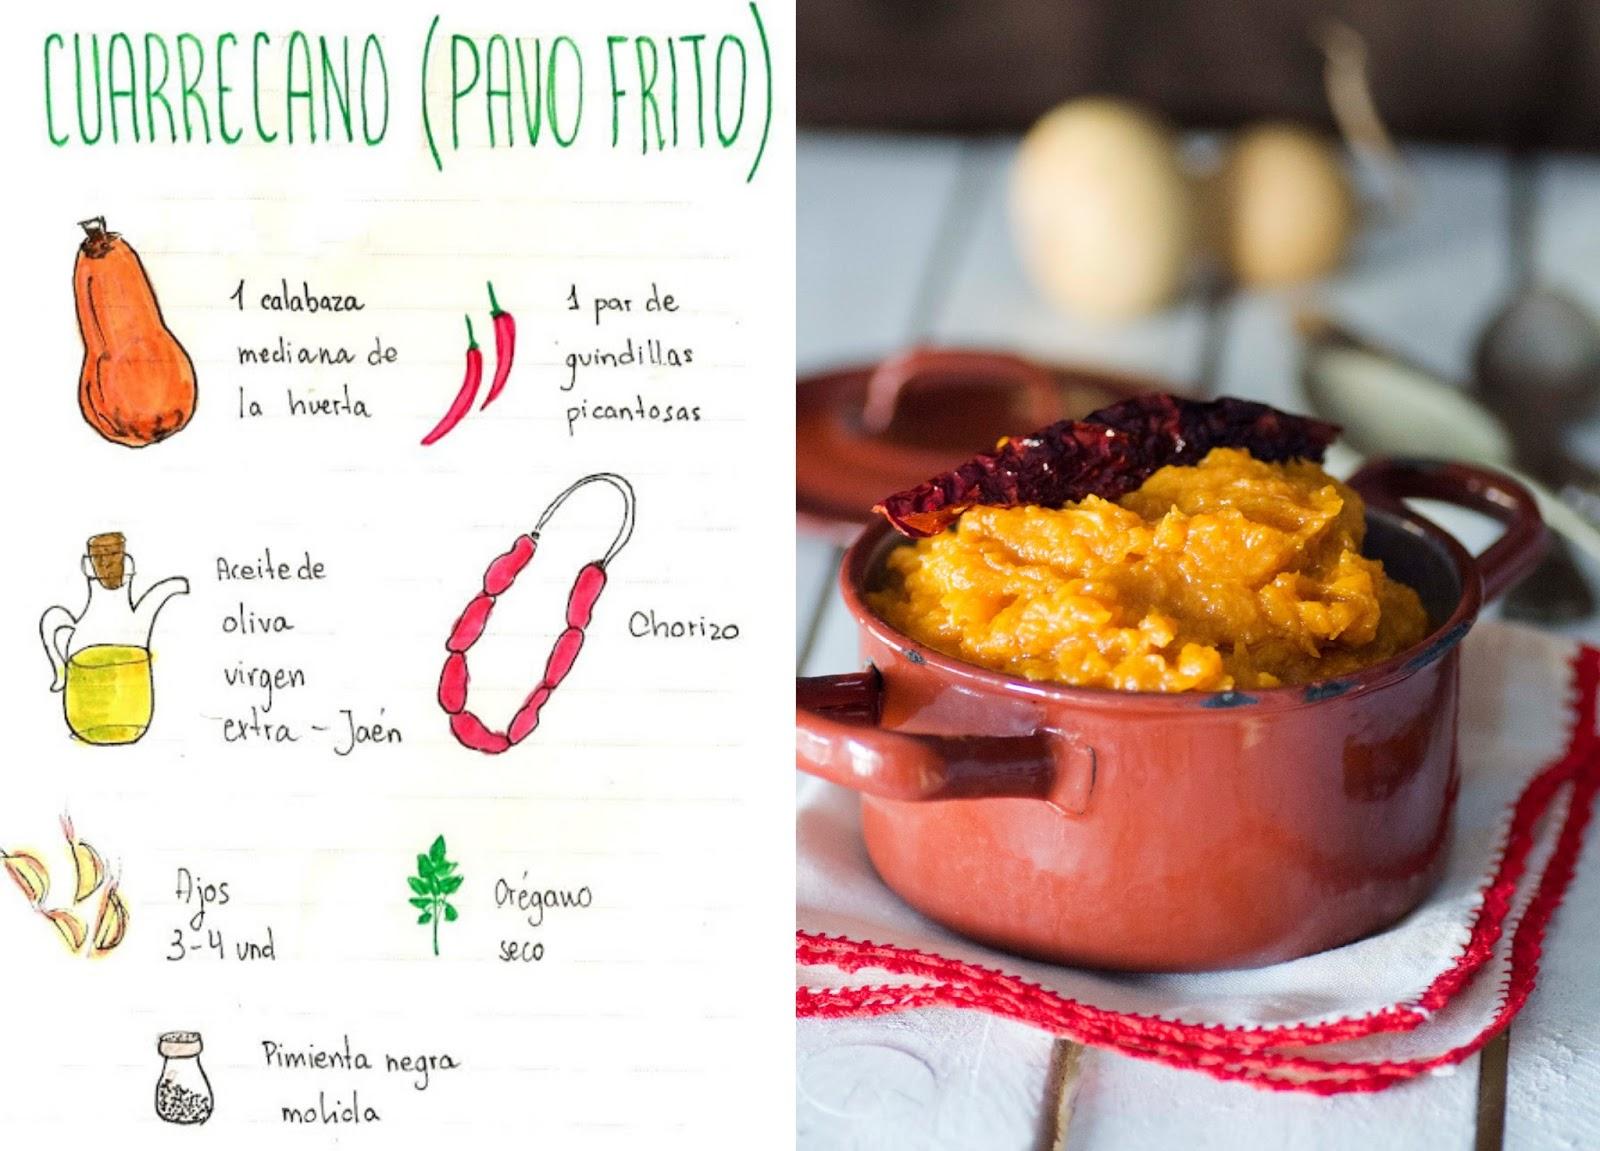 Receta De Cuarrecano O Calabaza Frita Gastroandalusi - Recetas-de-calabaza-frita